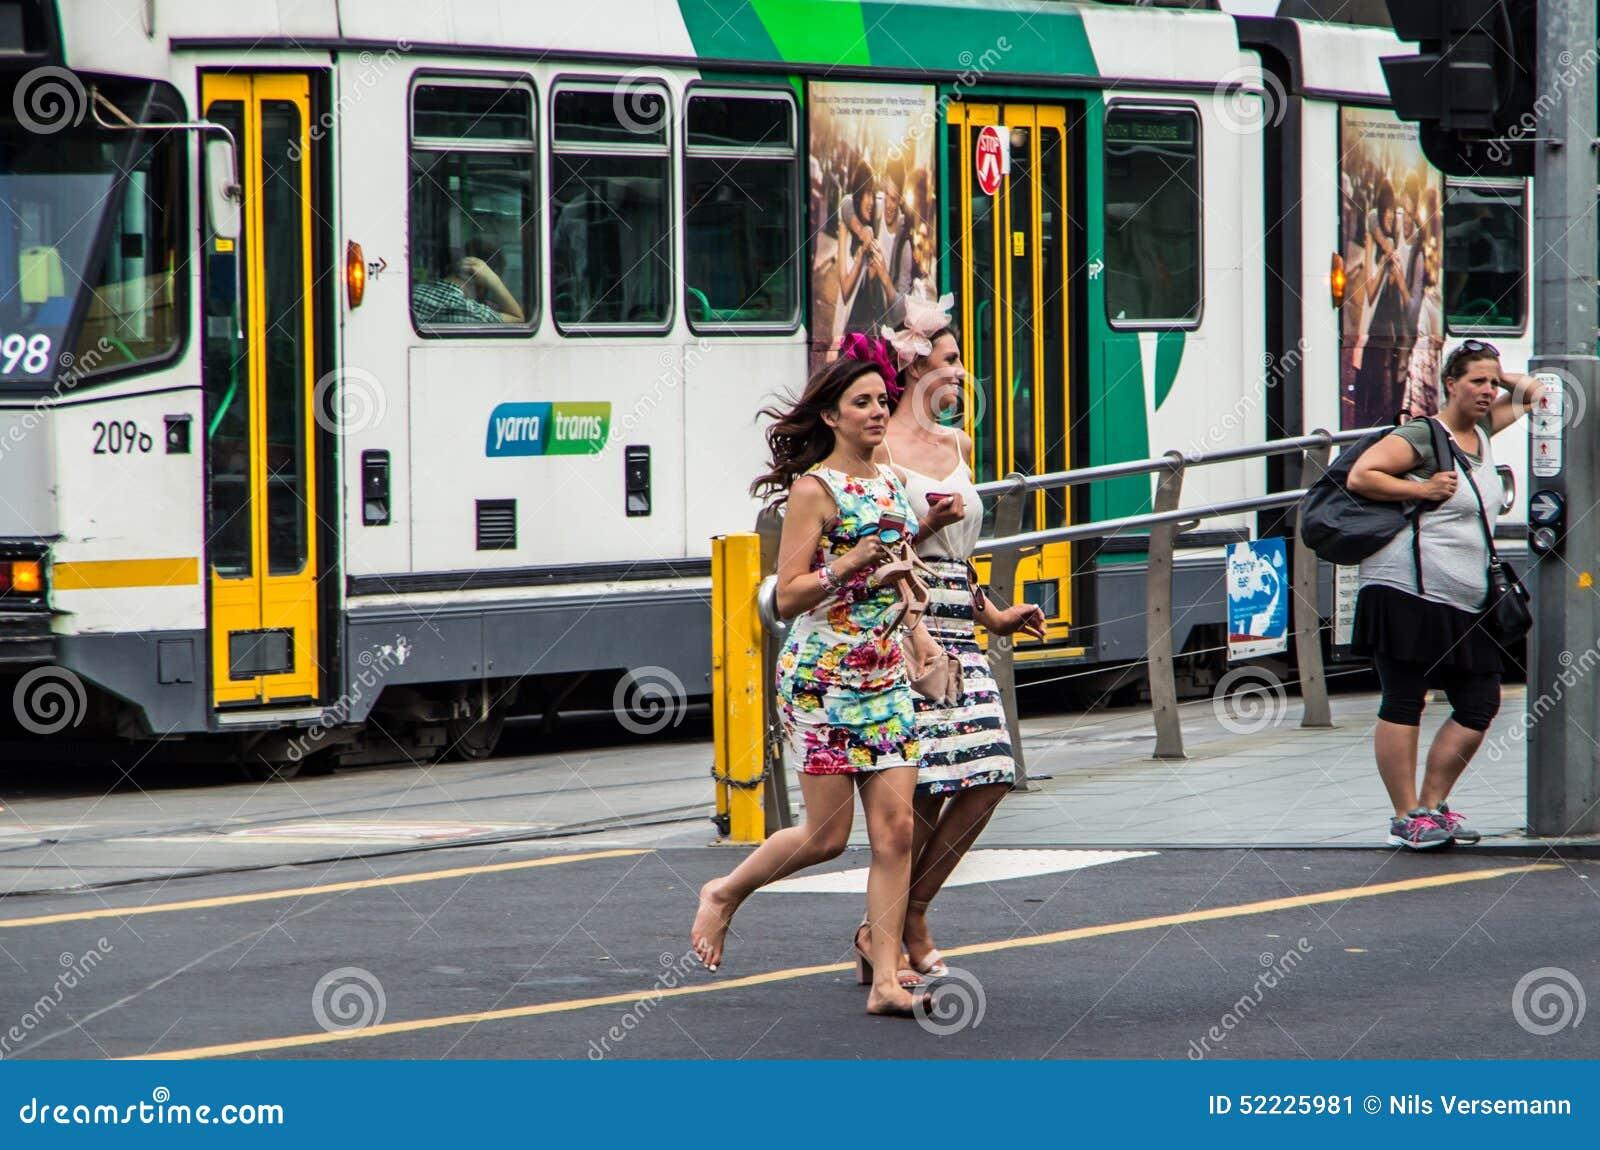 Sexy Photos Melbourne 13